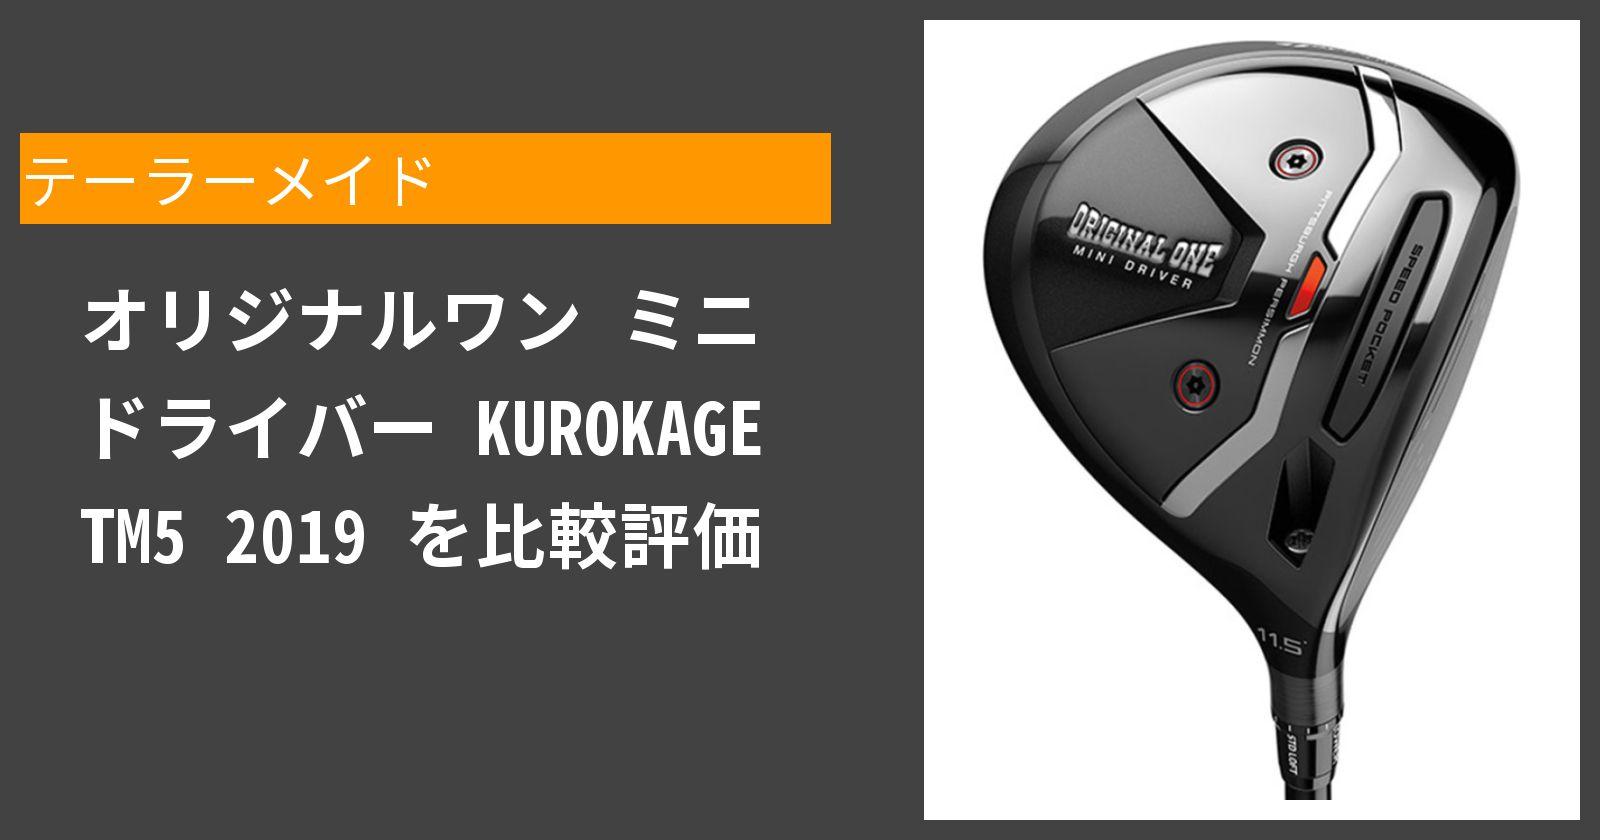 オリジナルワン ミニ ドライバー KUROKAGE TM5 2019を徹底評価